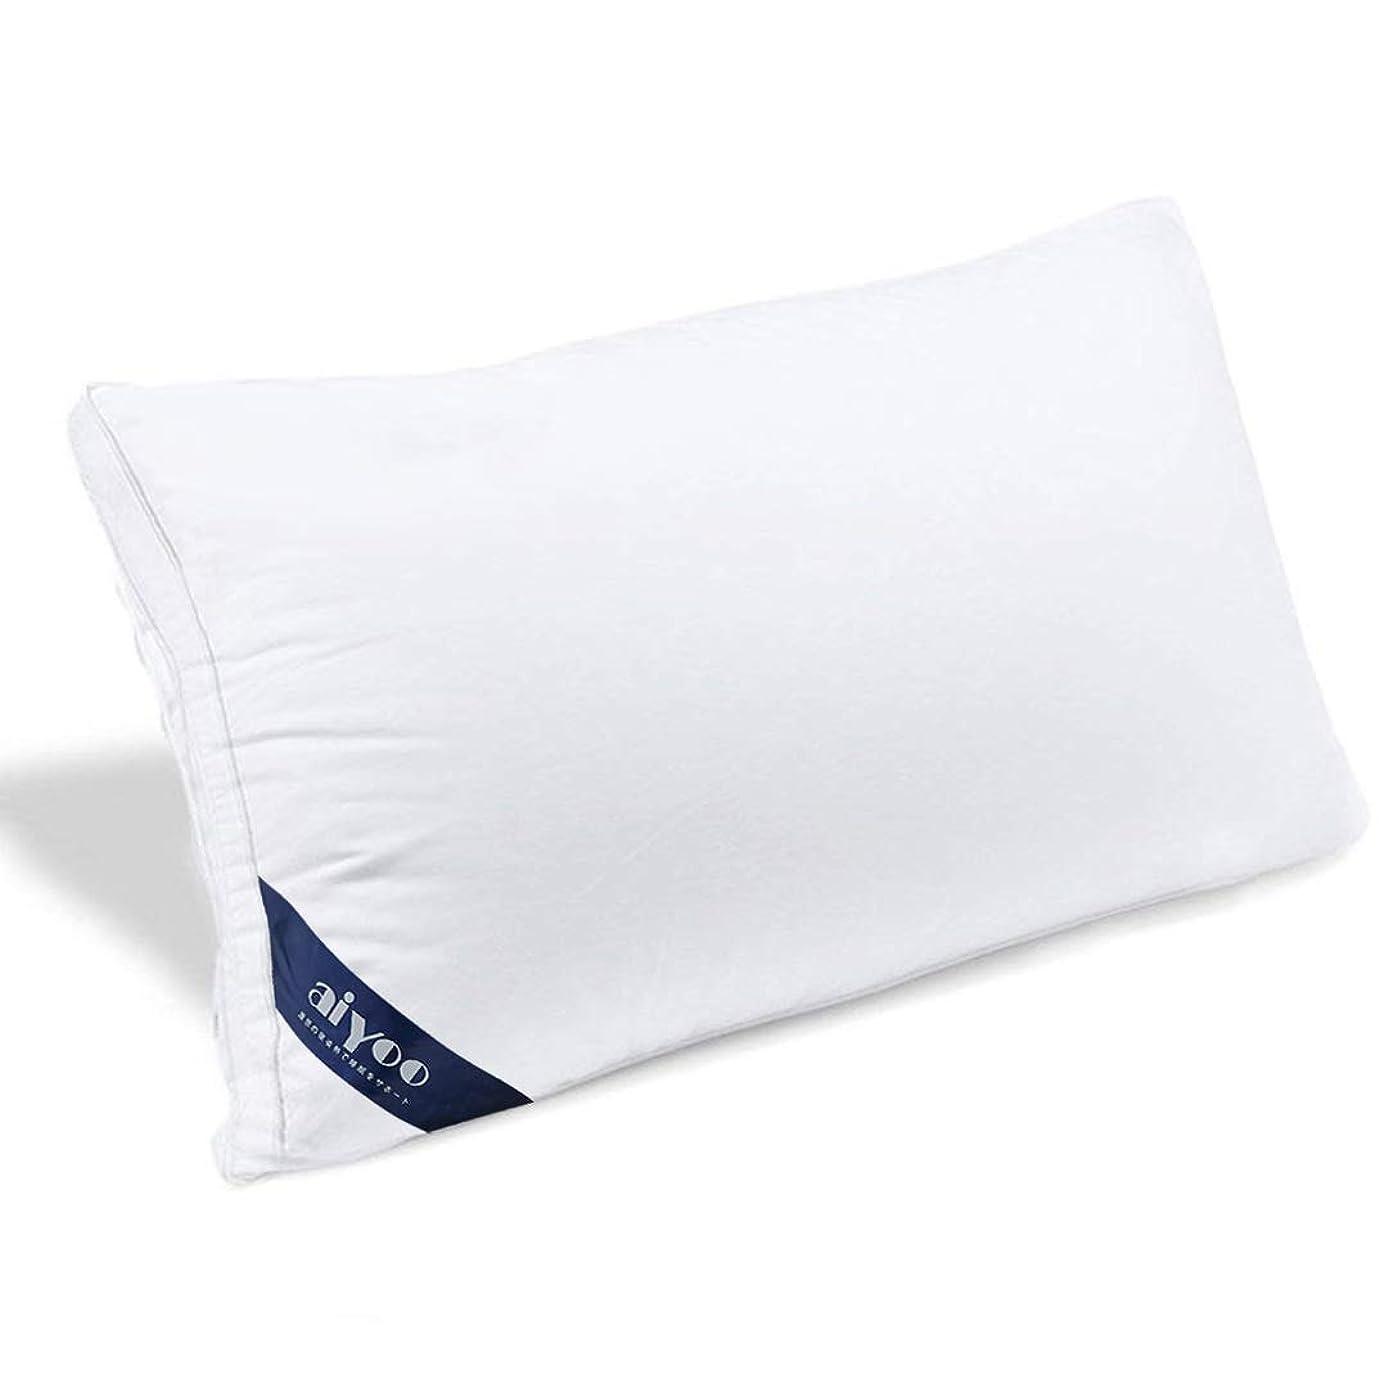 記念バー未払いaiyoo 快眠枕 安眠 高反発 人気 肩こり 横向き 洗える 高さ調整 ホテル仕様 通気性 安眠枕 立体構造 調整可能 柔らかい 43x63cm ホワイト